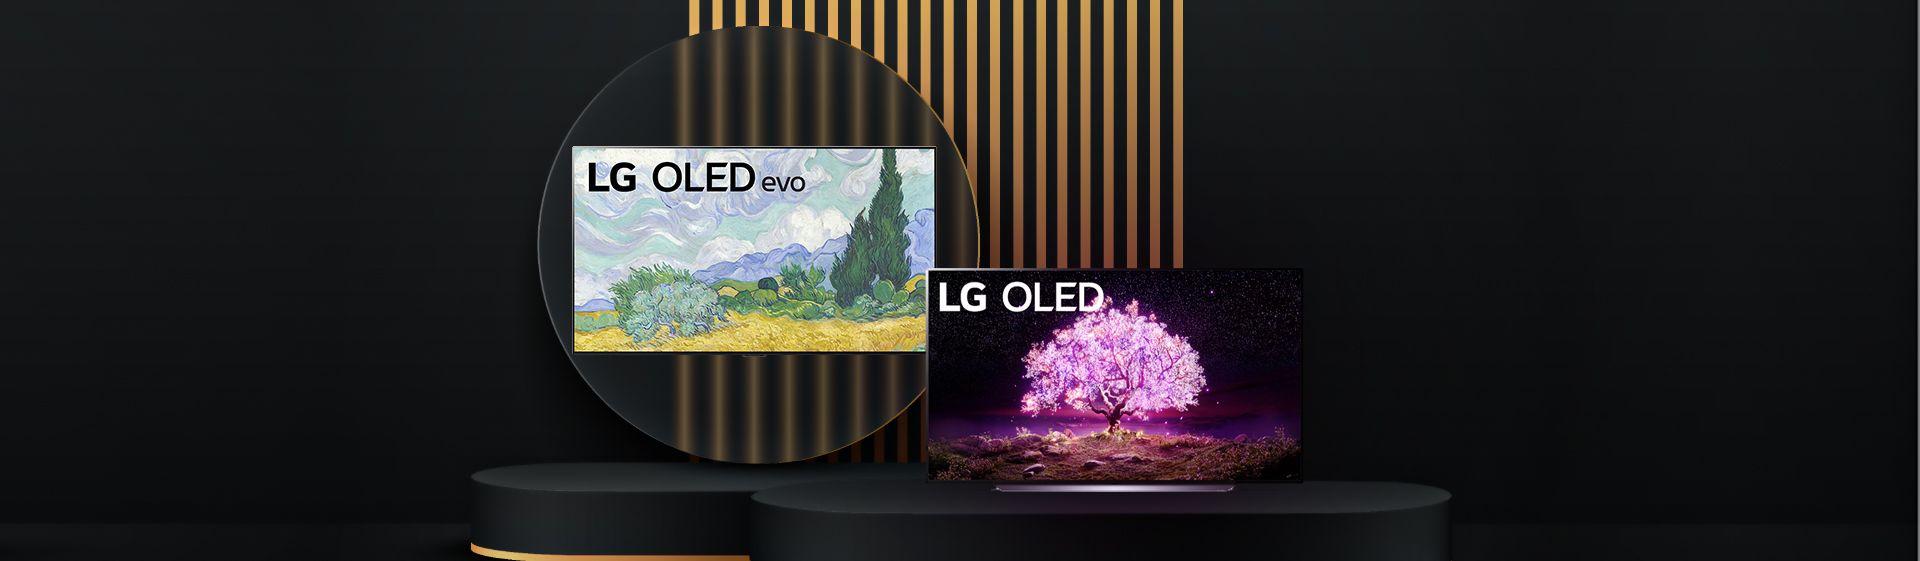 TV OLED LG: veja a lista com as televisões da linha